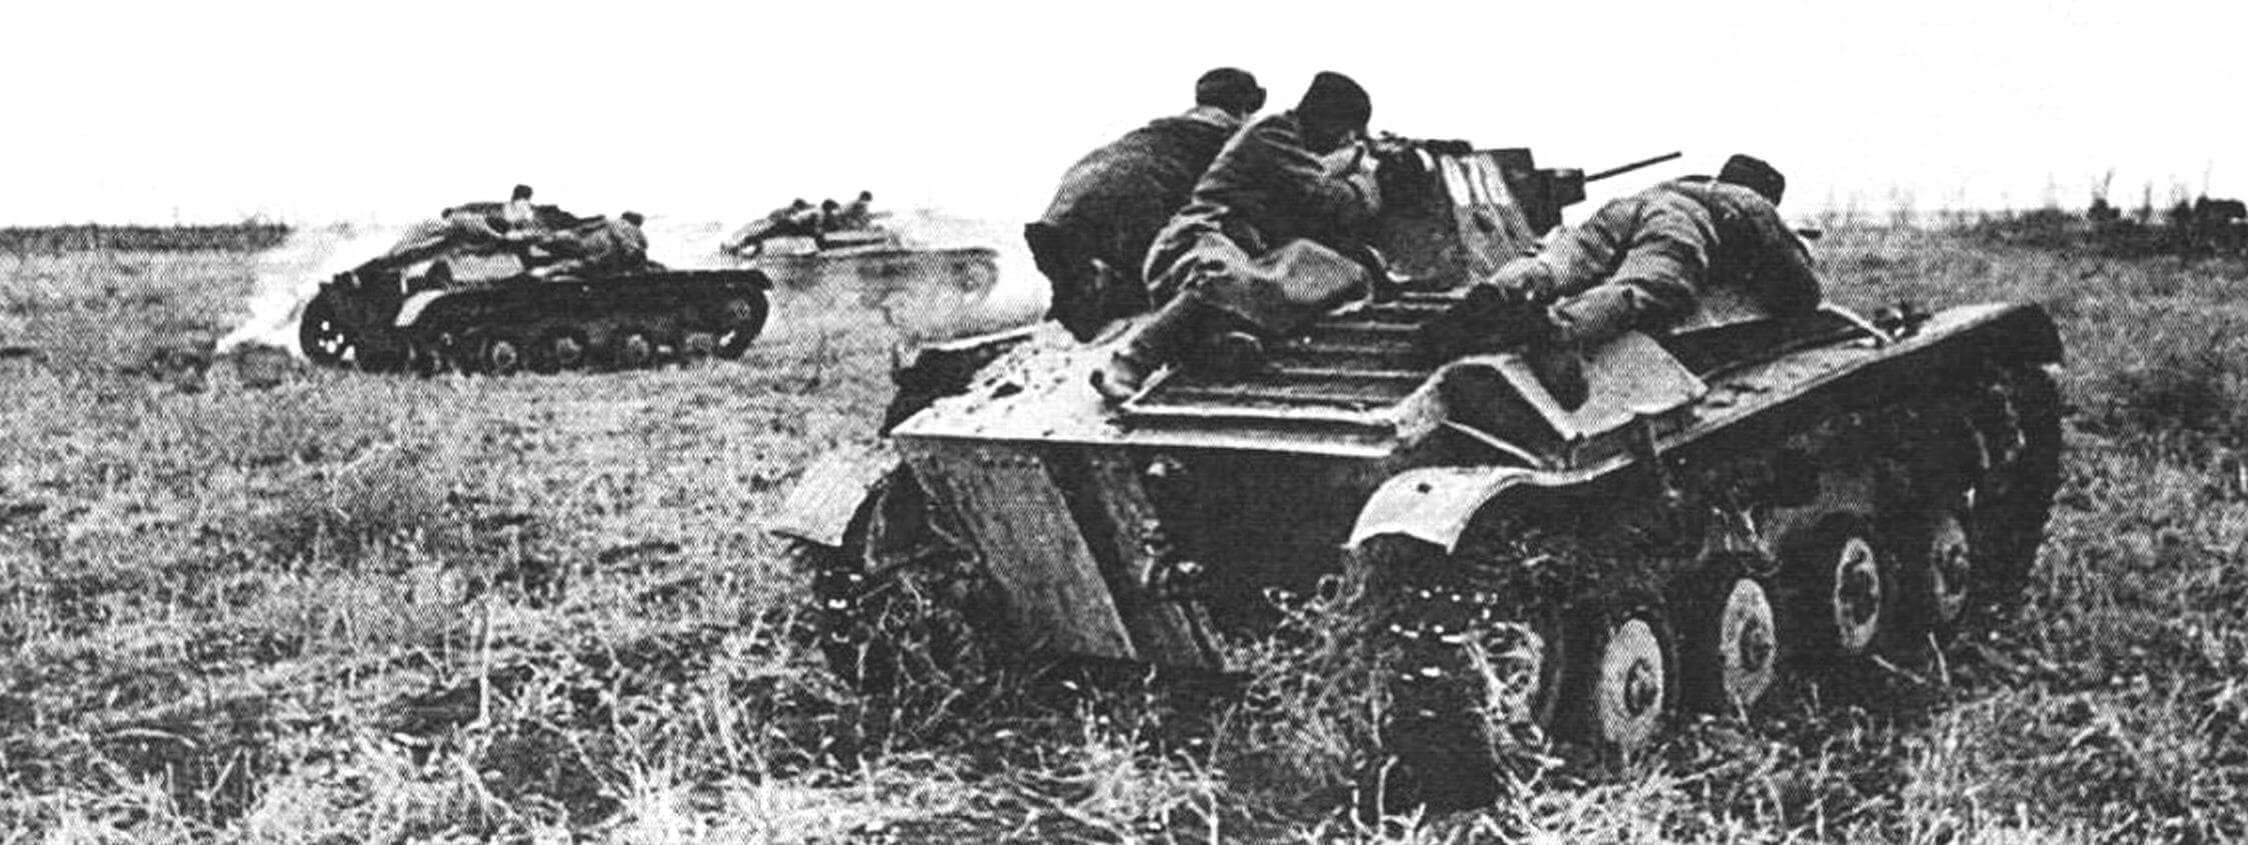 Танки Т-60 из состава 132-го отдельною танкового батальона с десантом на броне (Закавказский фронт, ноябрь 1942 года)